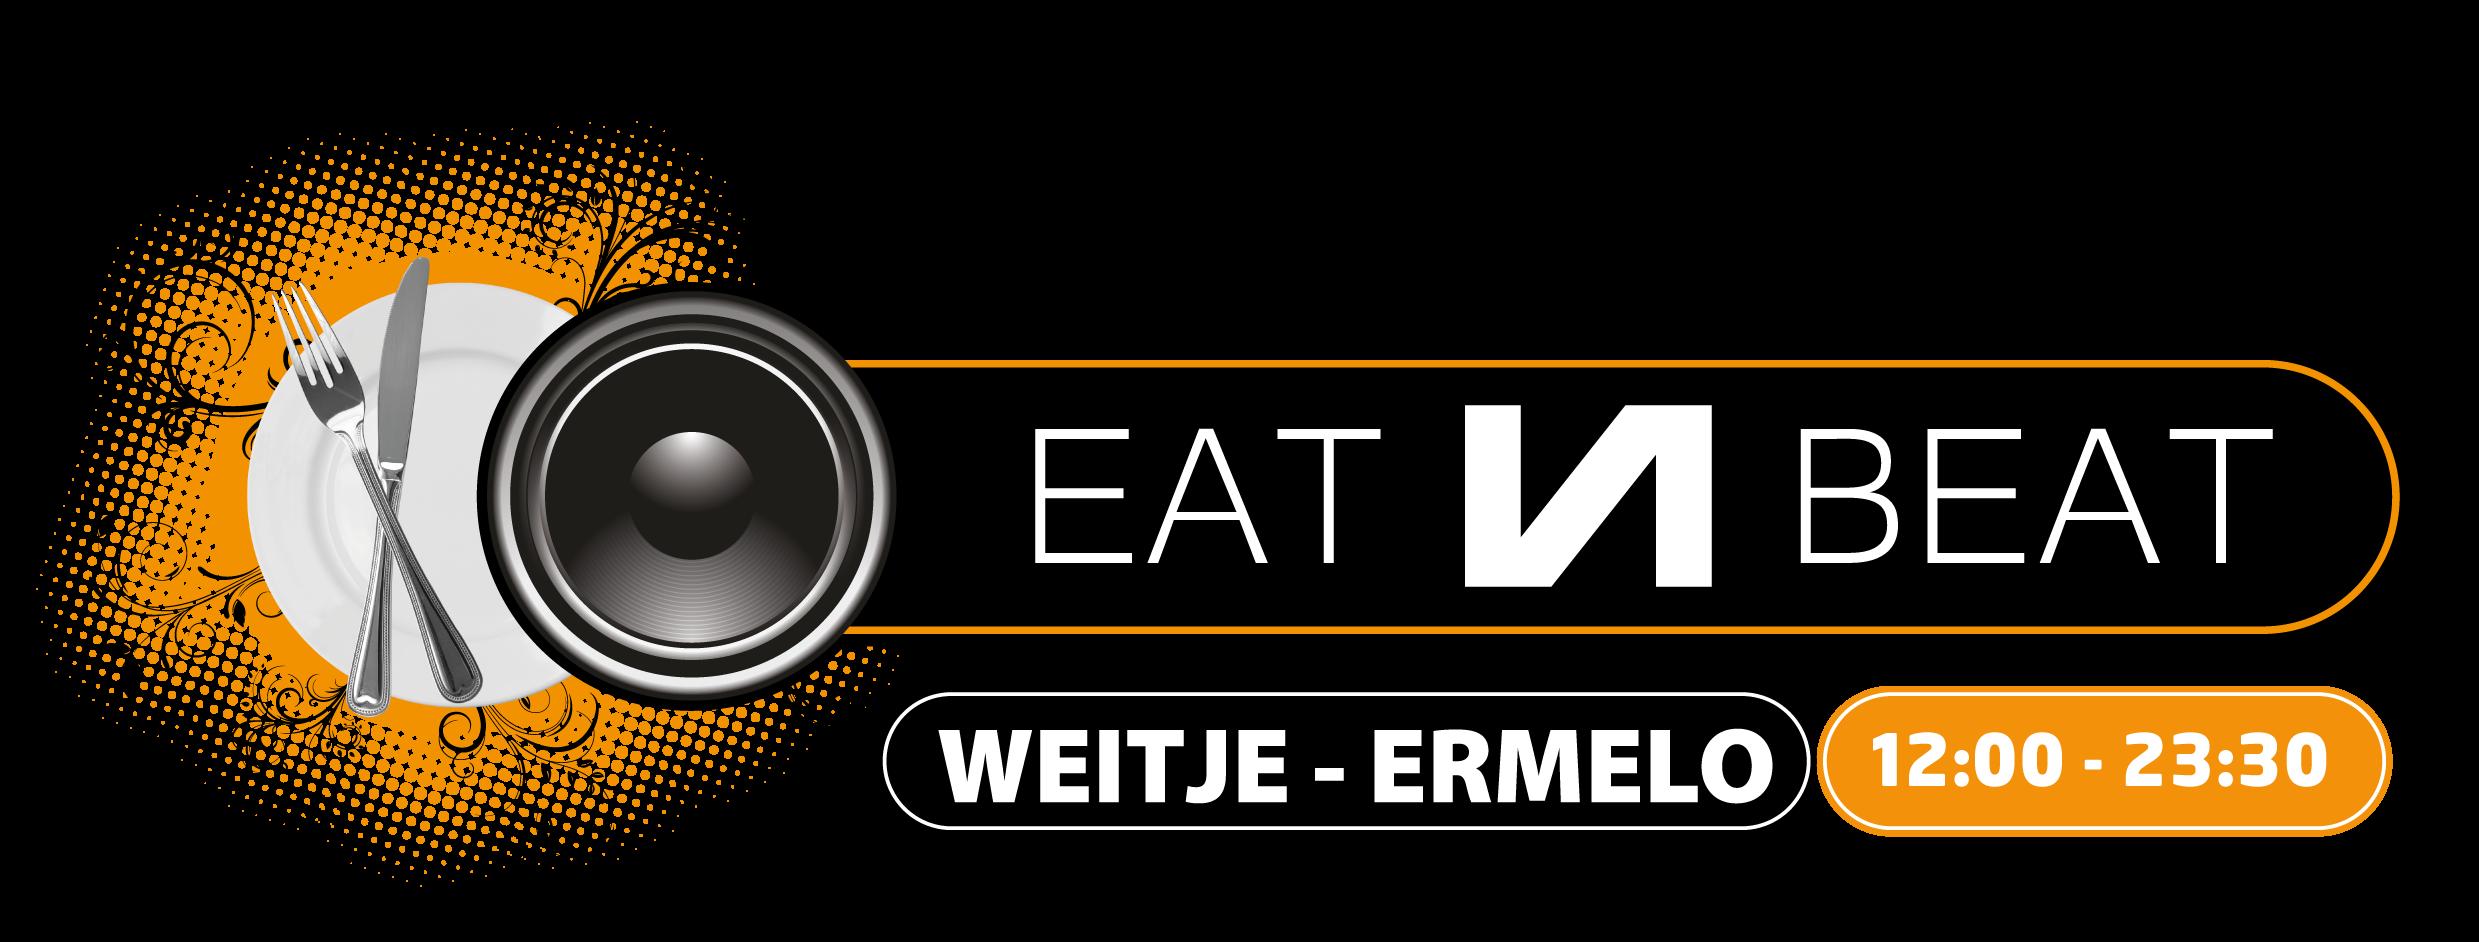 EatnBeat Weitje Ermelo